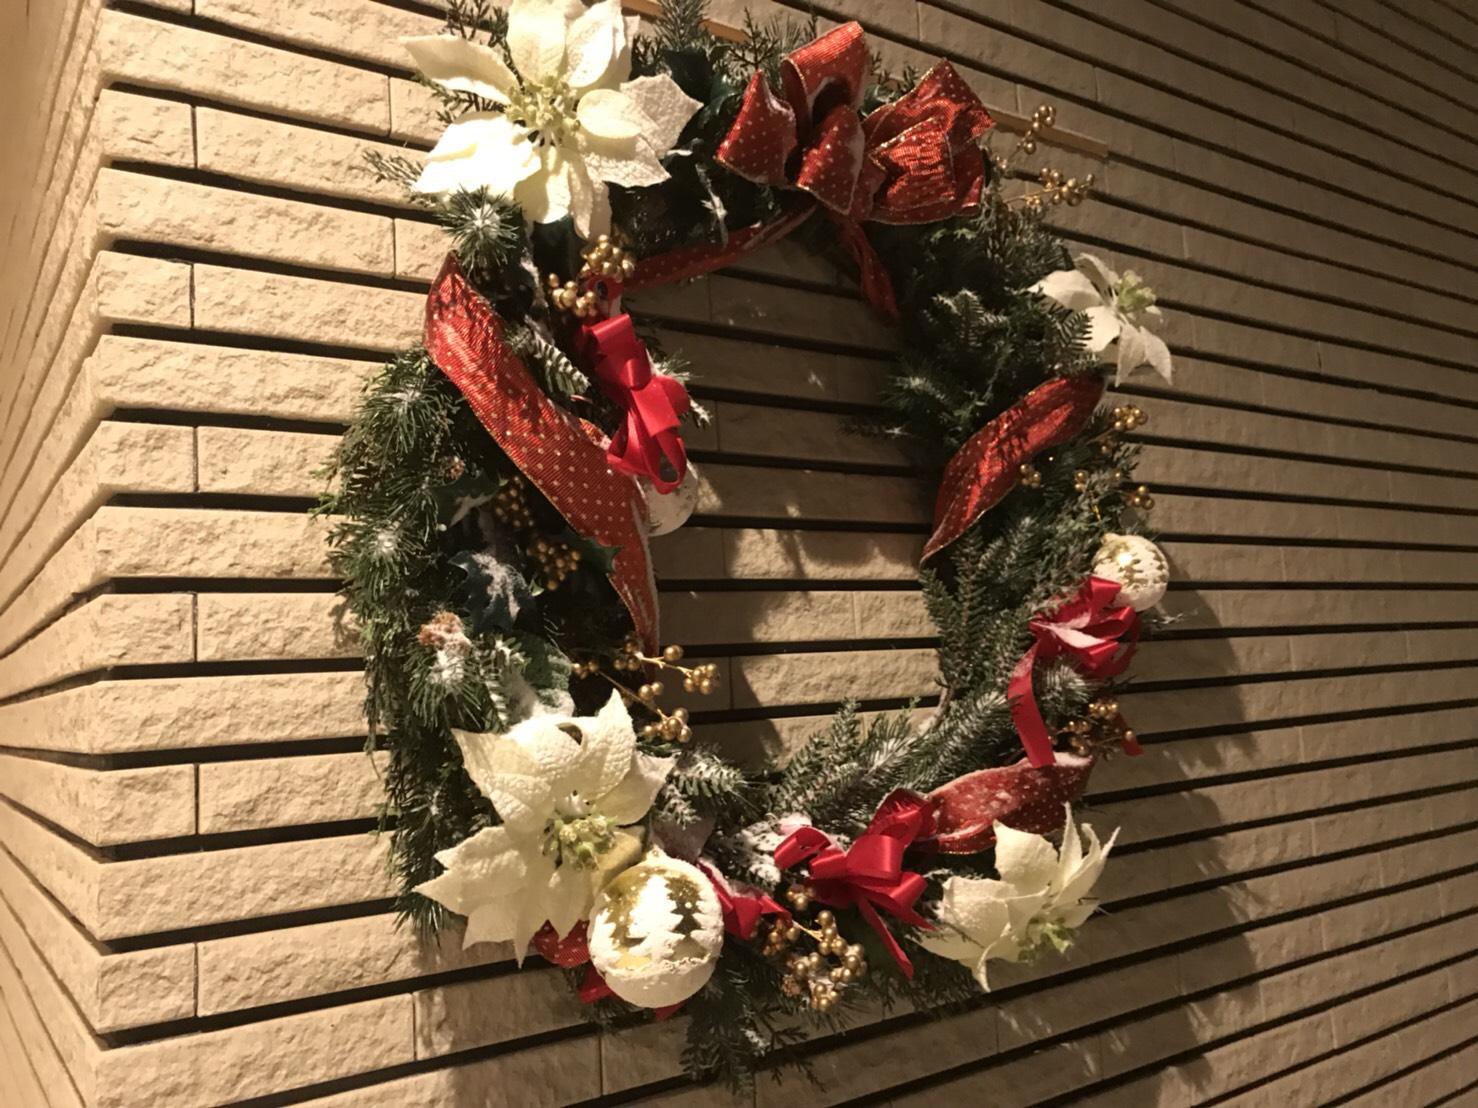 12月26日 火曜日の本店ブログ♬ 今年もトミーサンタはチキン配達完了♬ランクル、ハイエース、アルファード_b0127002_18124423.jpg